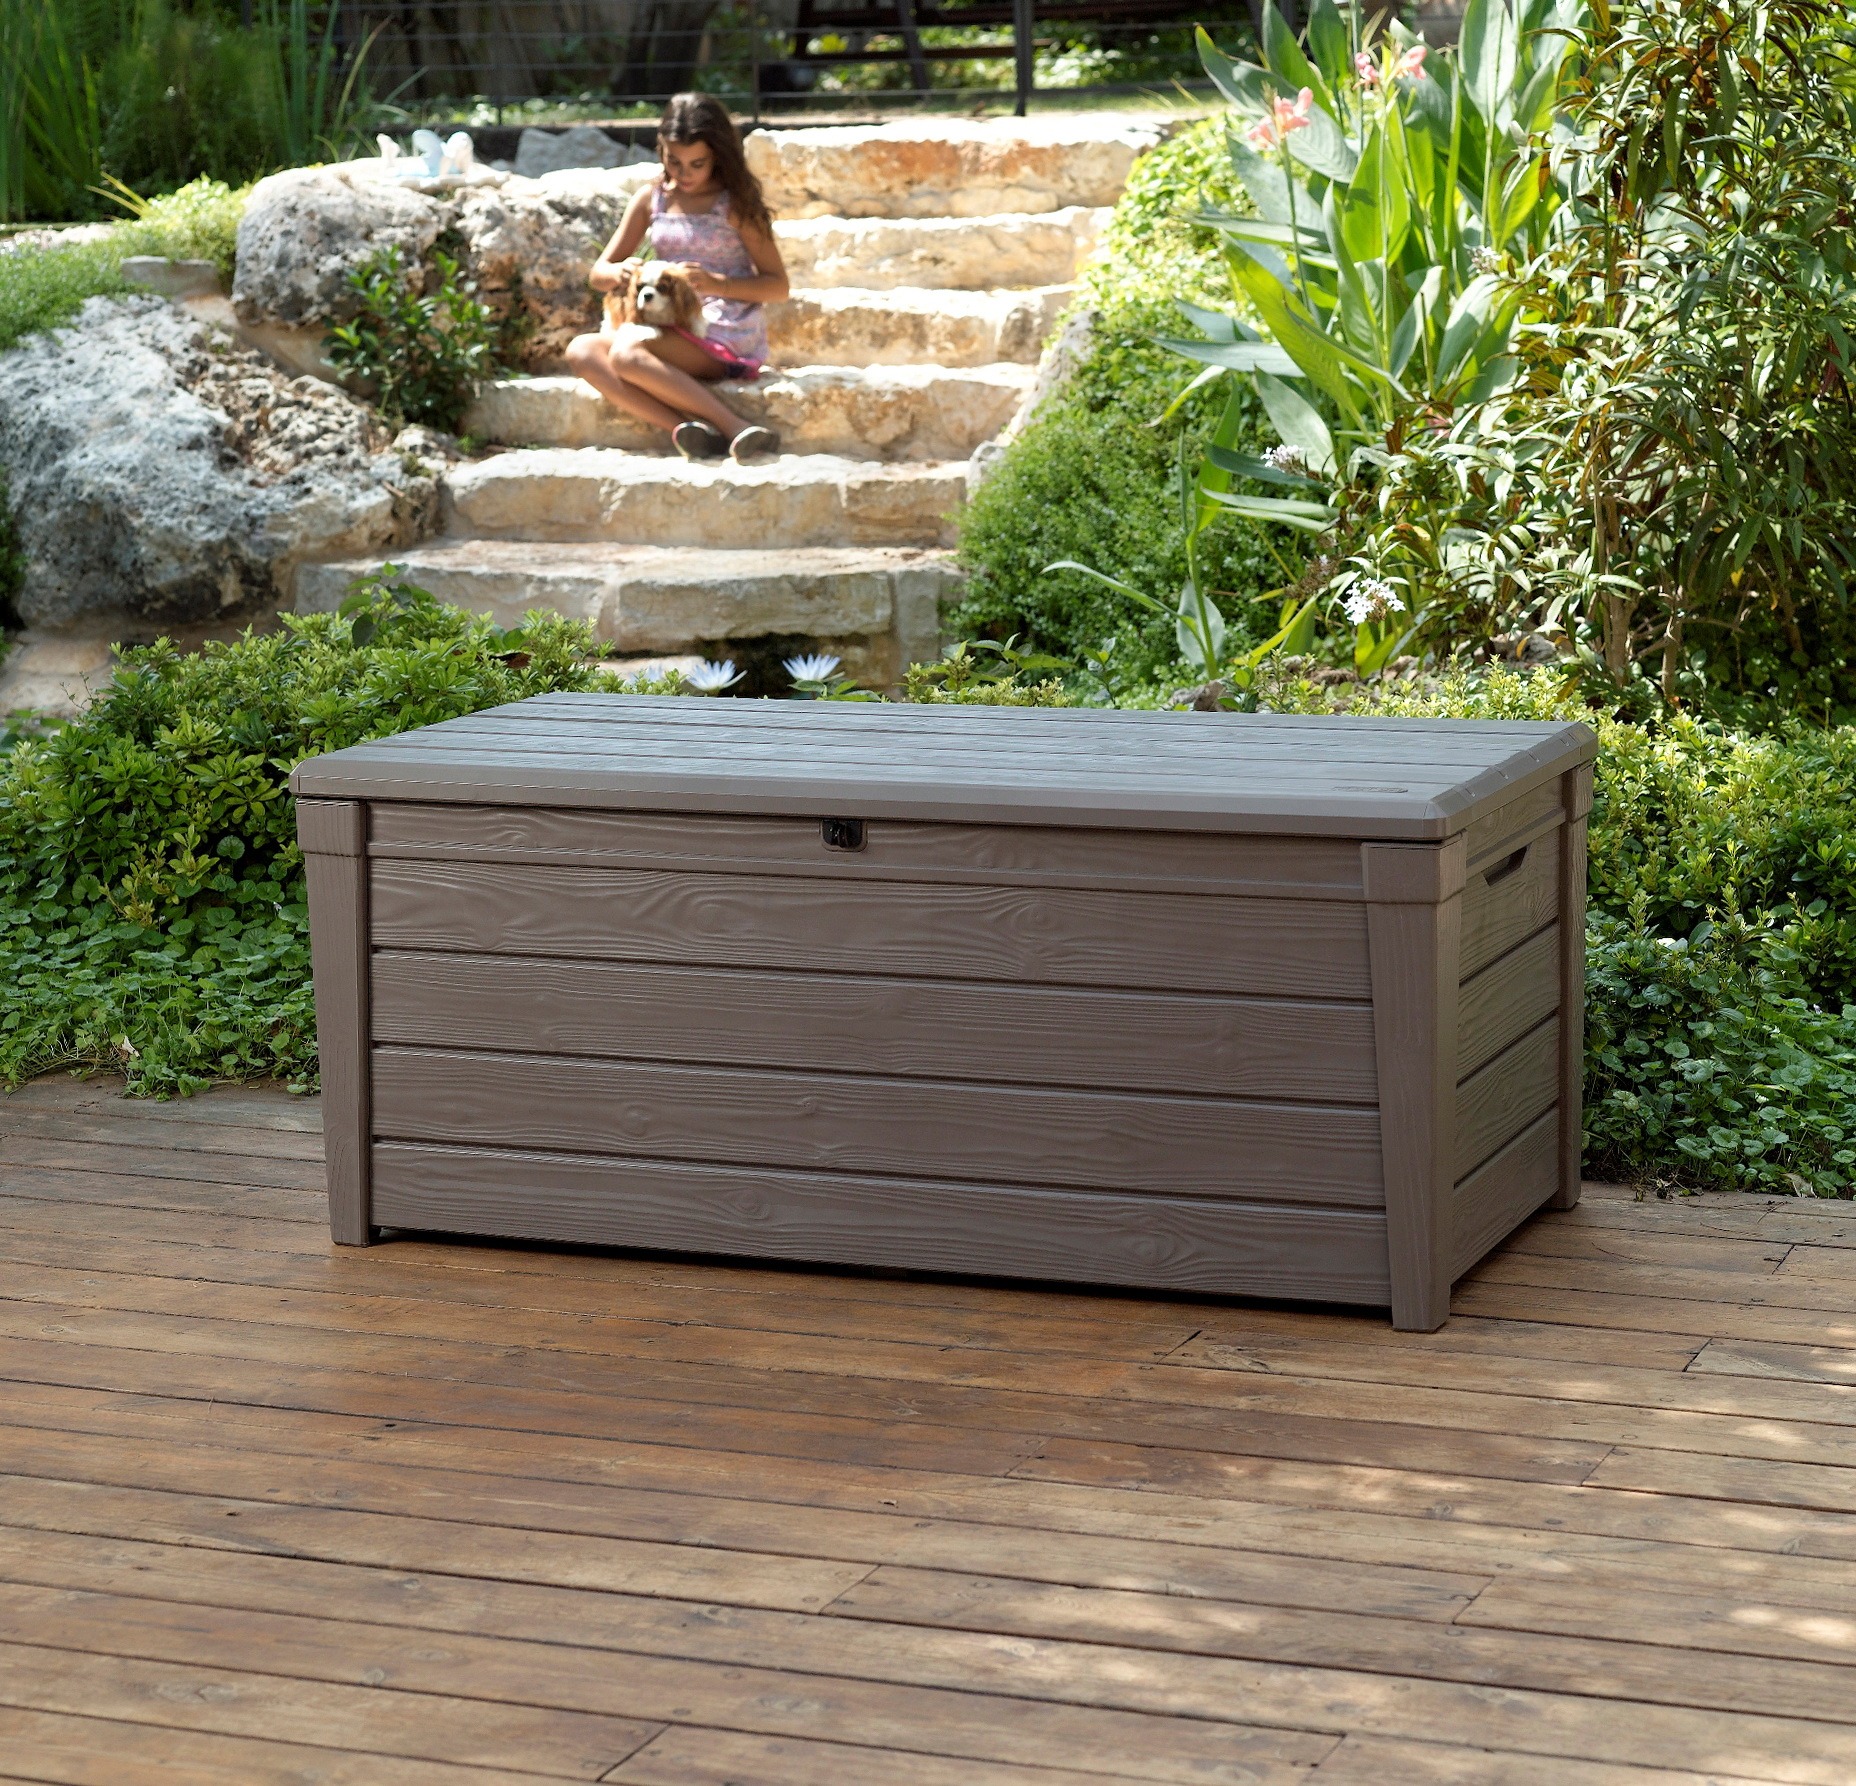 Wooden Garden Bench With Storage Box